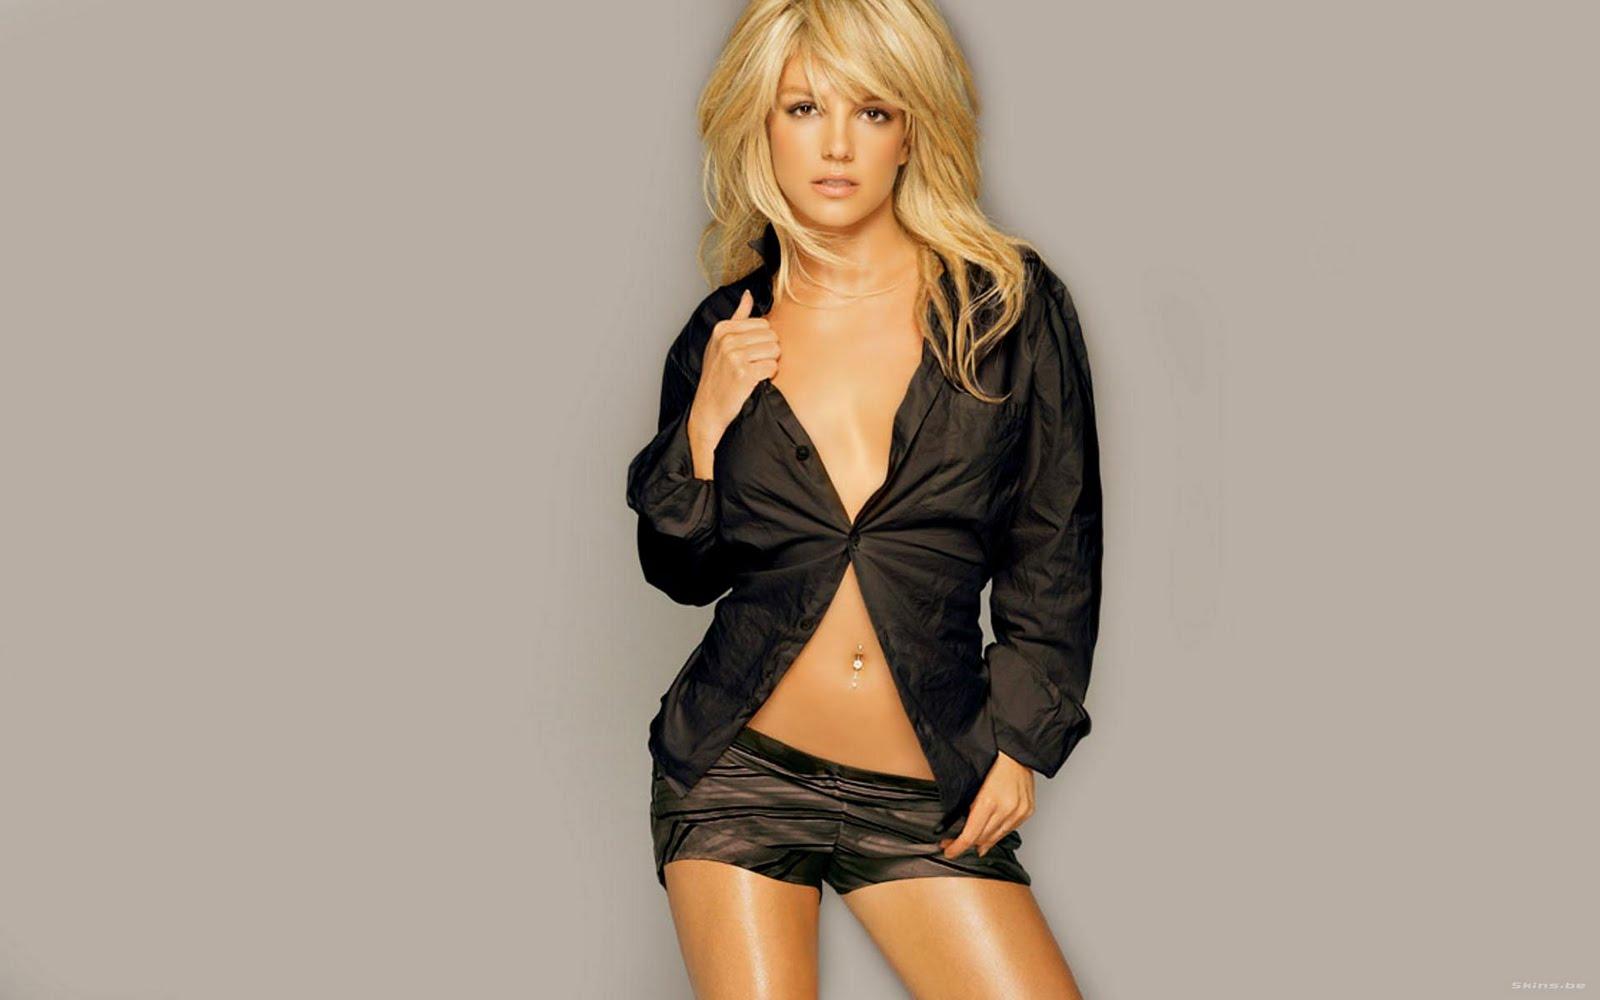 Britney Spears 1920x1200 HD Wallpaper Photo